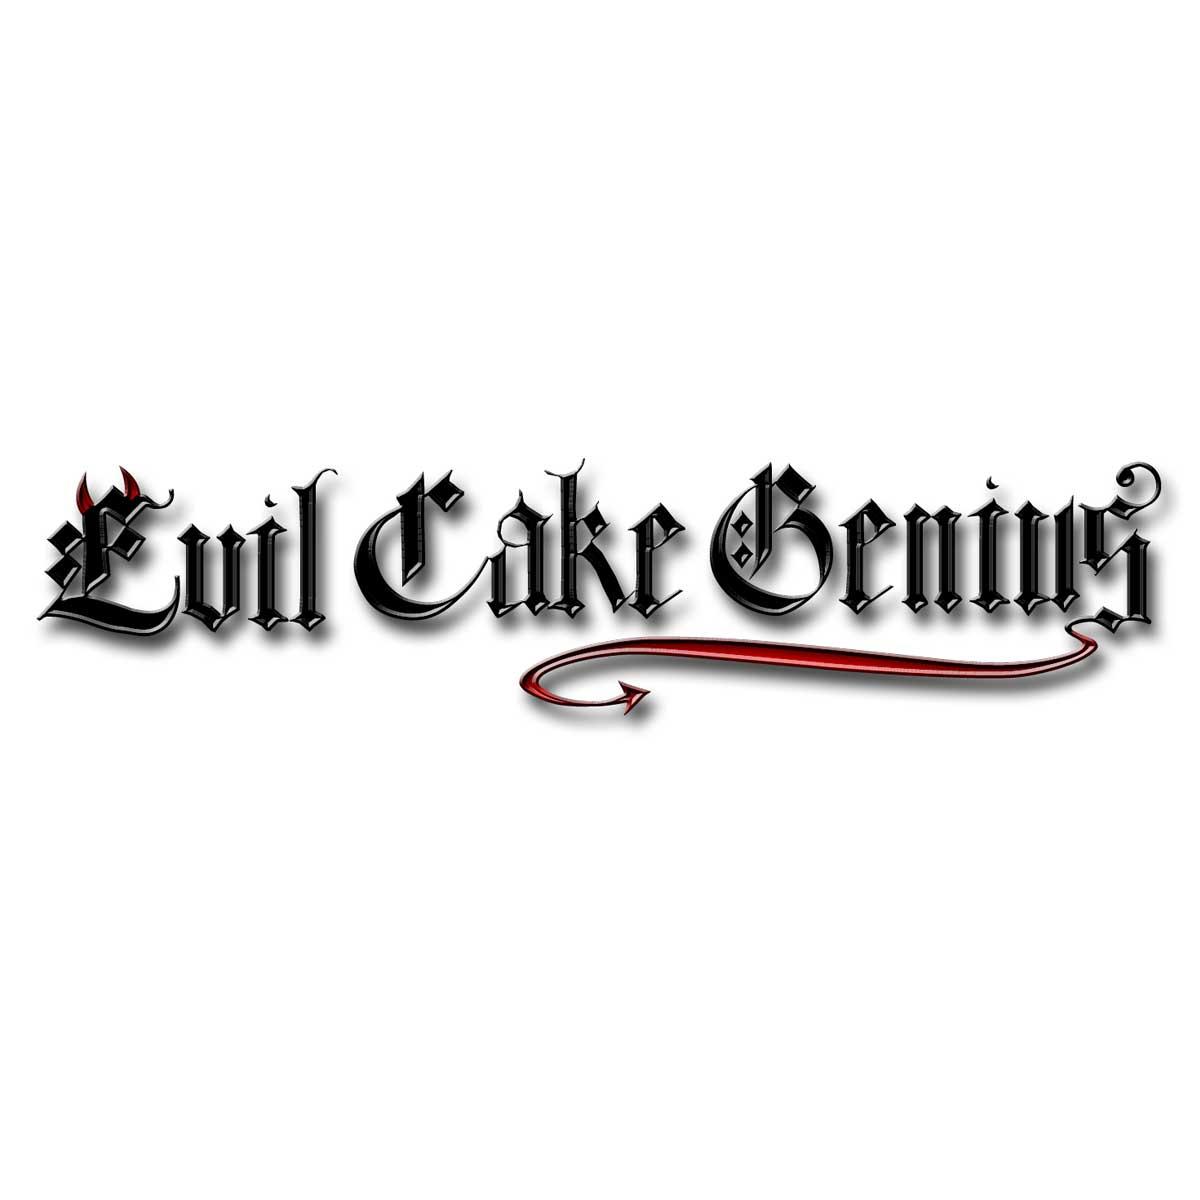 Cake Katana Replacement Tip